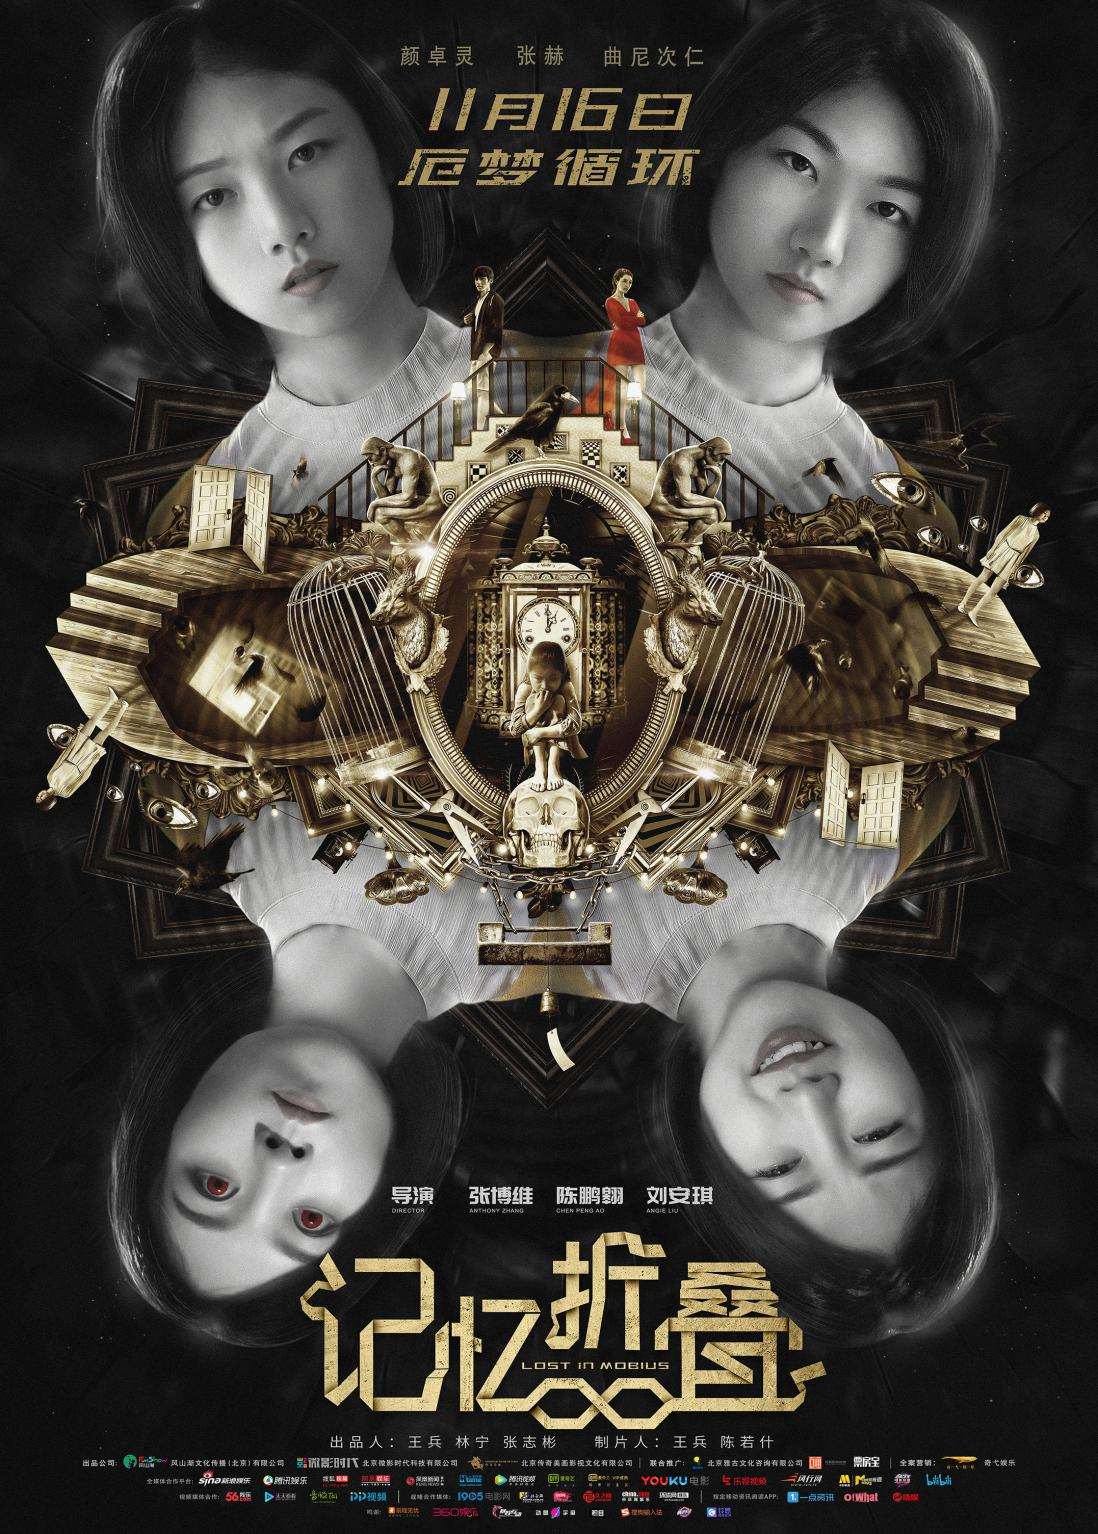 悬疑烧脑电影《记忆折叠》定档11月16日_娱乐频道_亚博